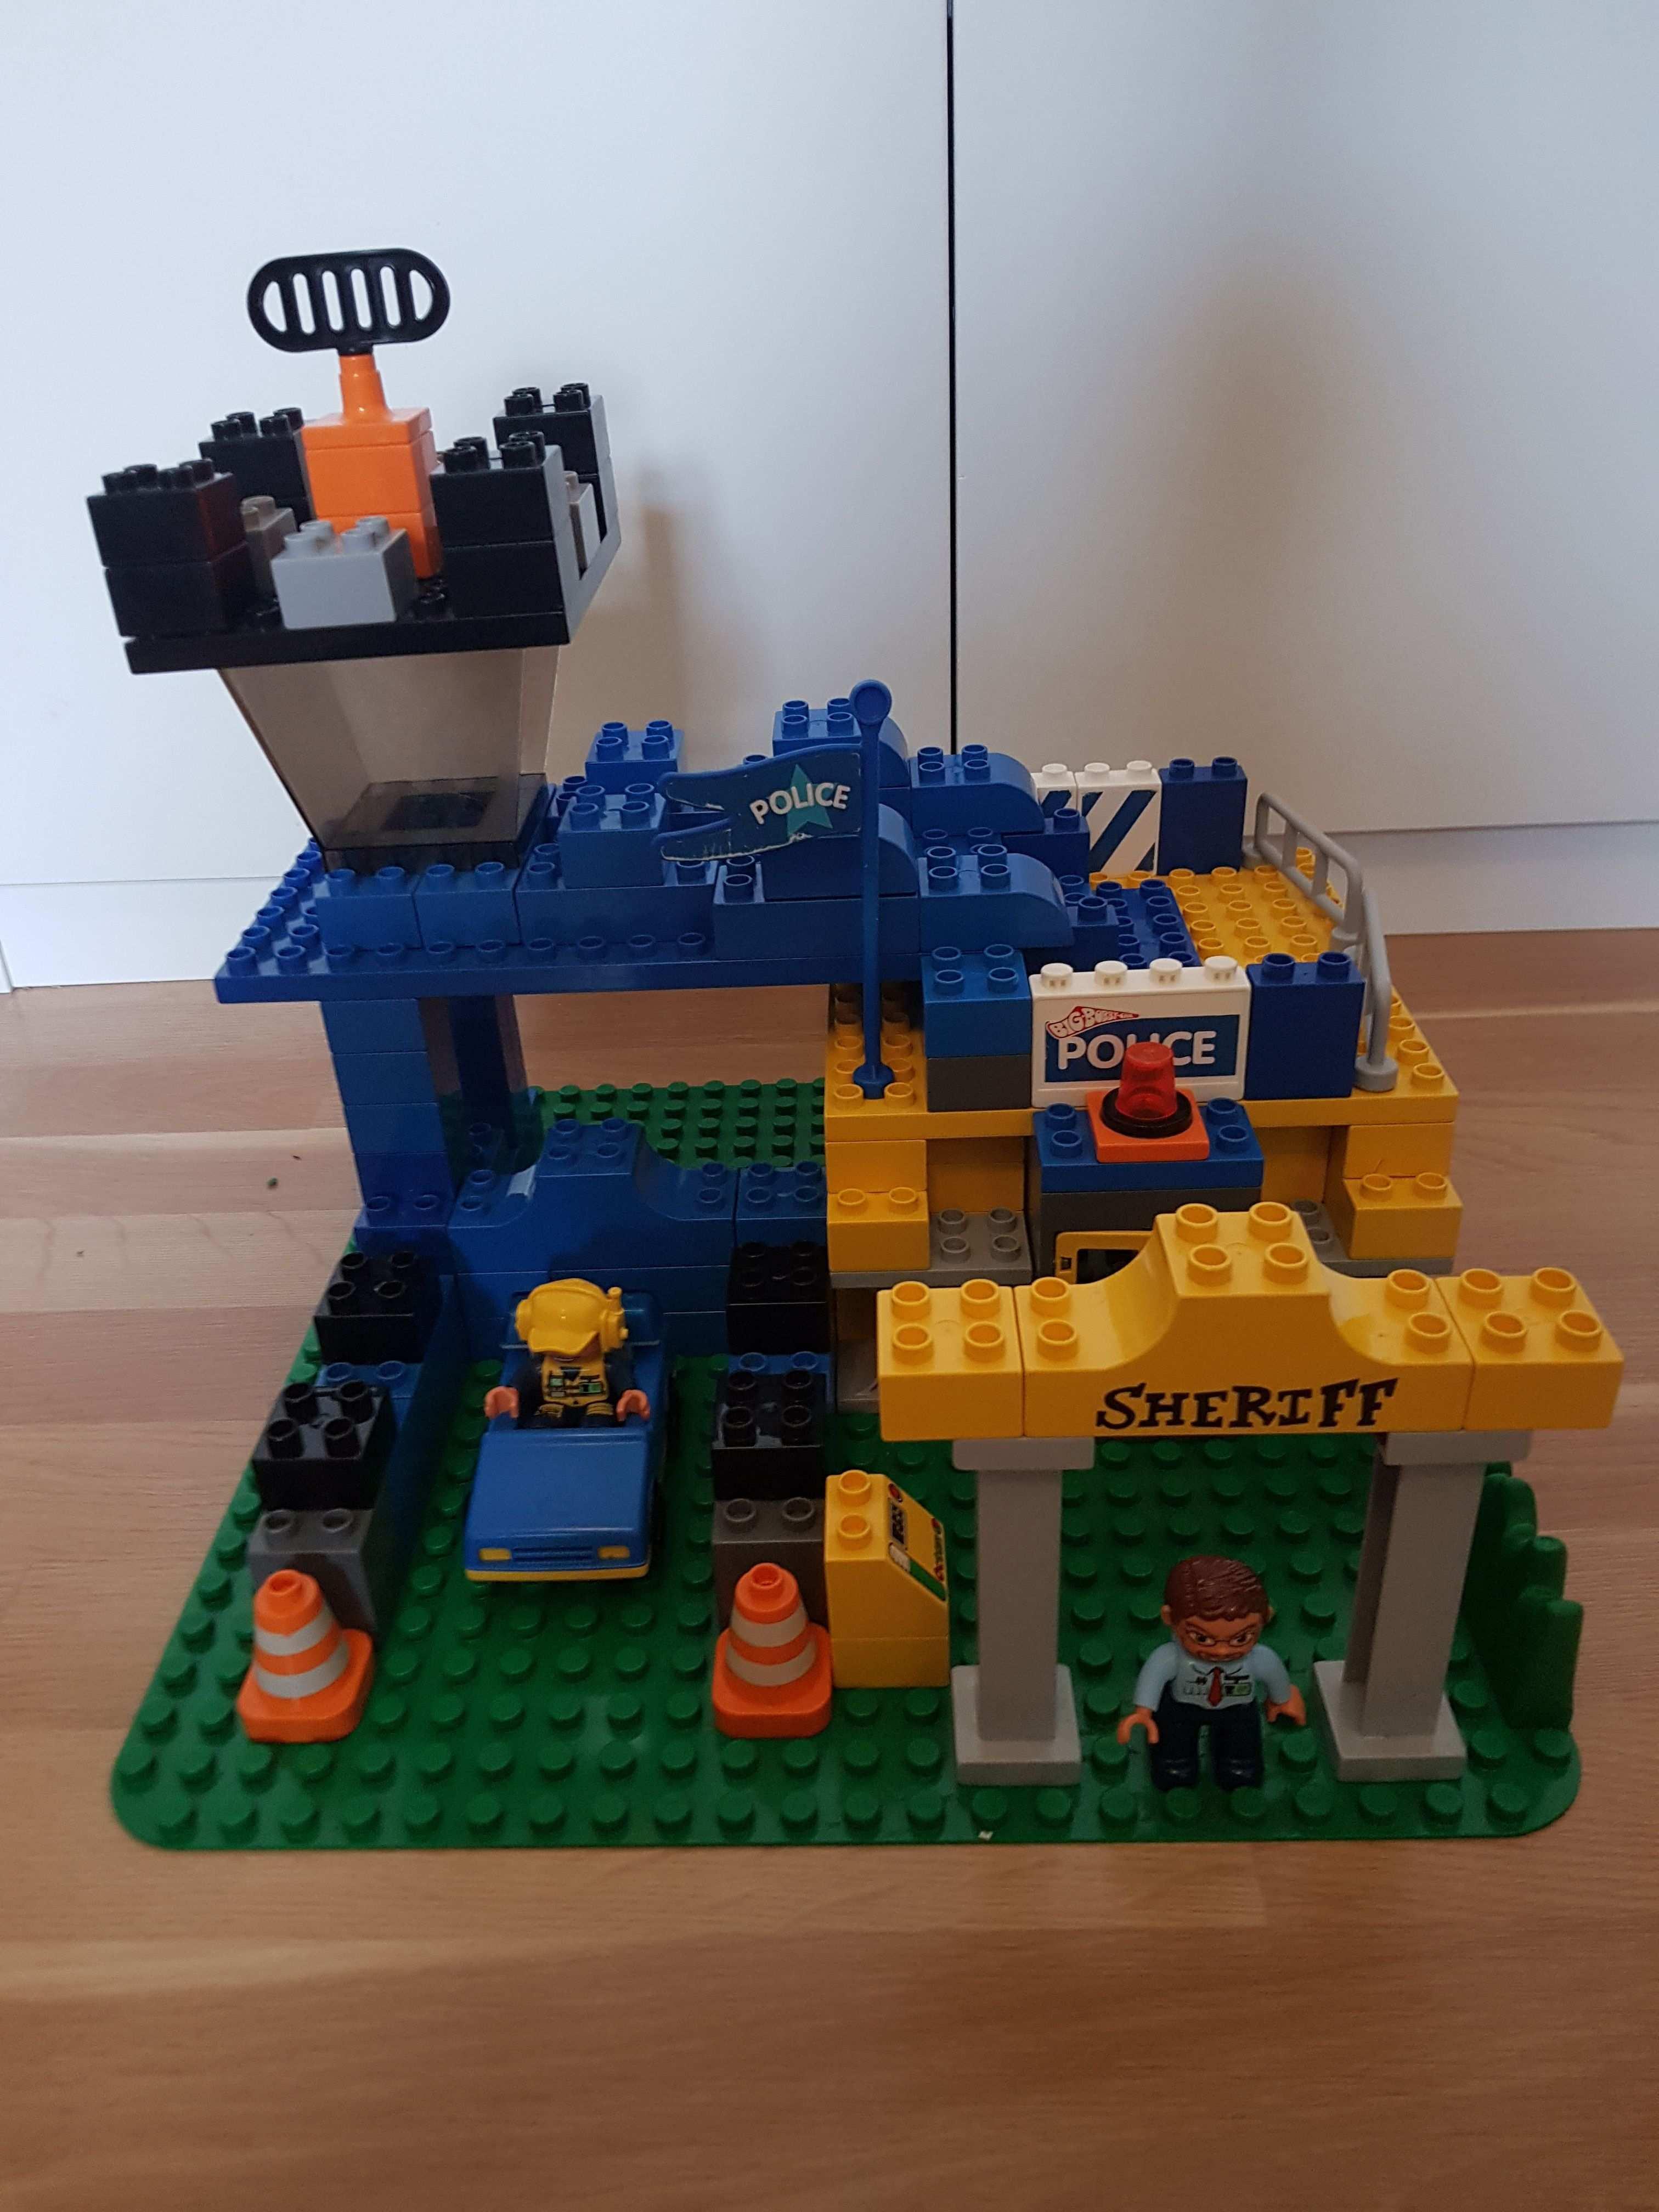 Hier Siehst Du Eine Polizeistation Aus Lego Duplo Diese Und Weitere Bauideen Gibt Es Auf Brickaddict De Einem Blog Fur Lego In 2020 Polizeistation Lego Duplo Lego